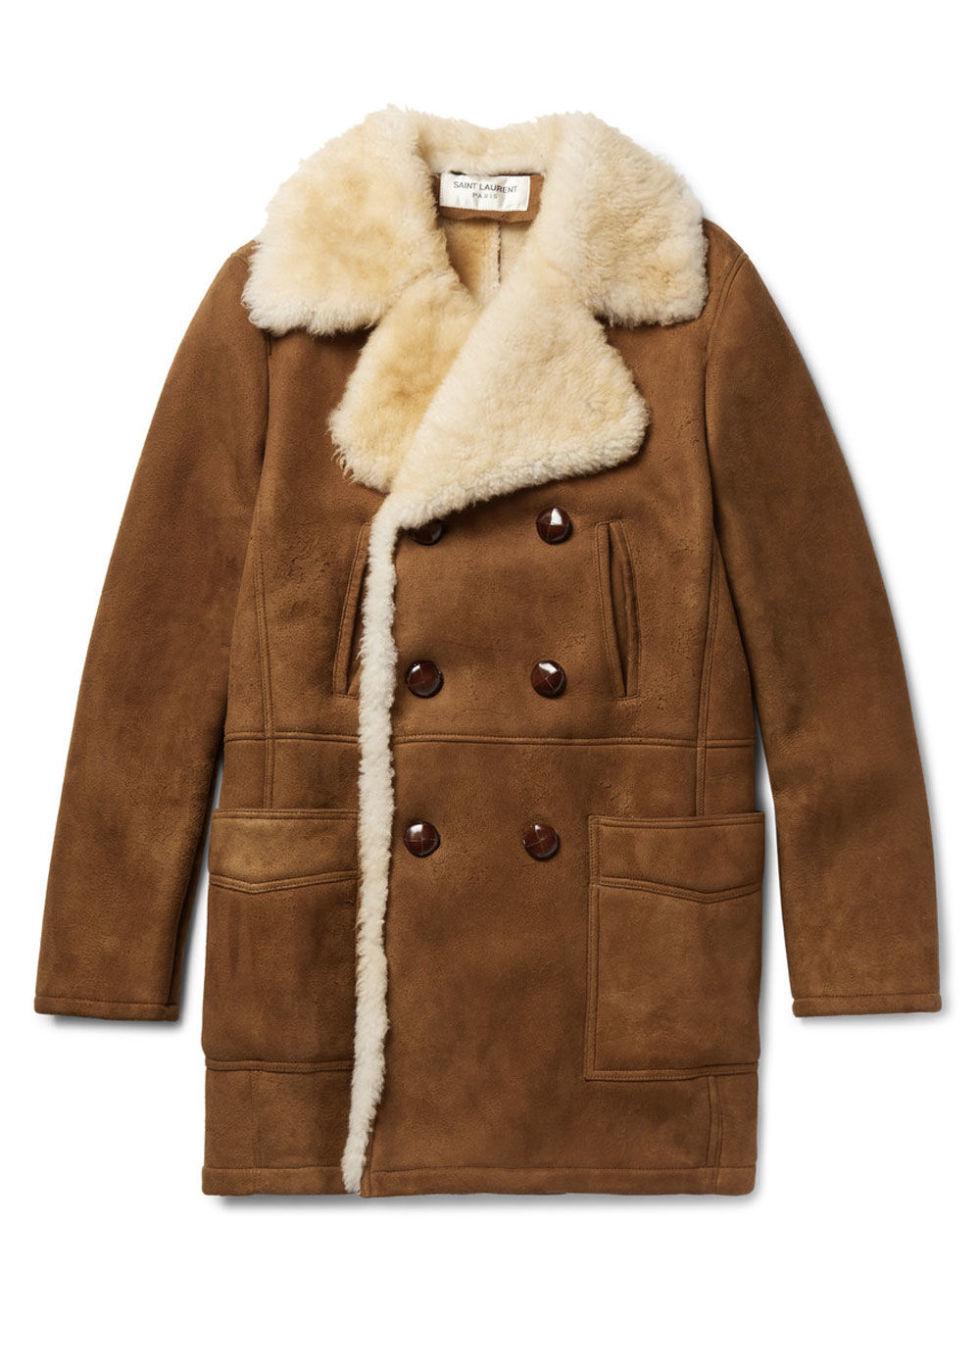 10 Best Winter Coats of 2017 – Best Men&39s Winter Jackets